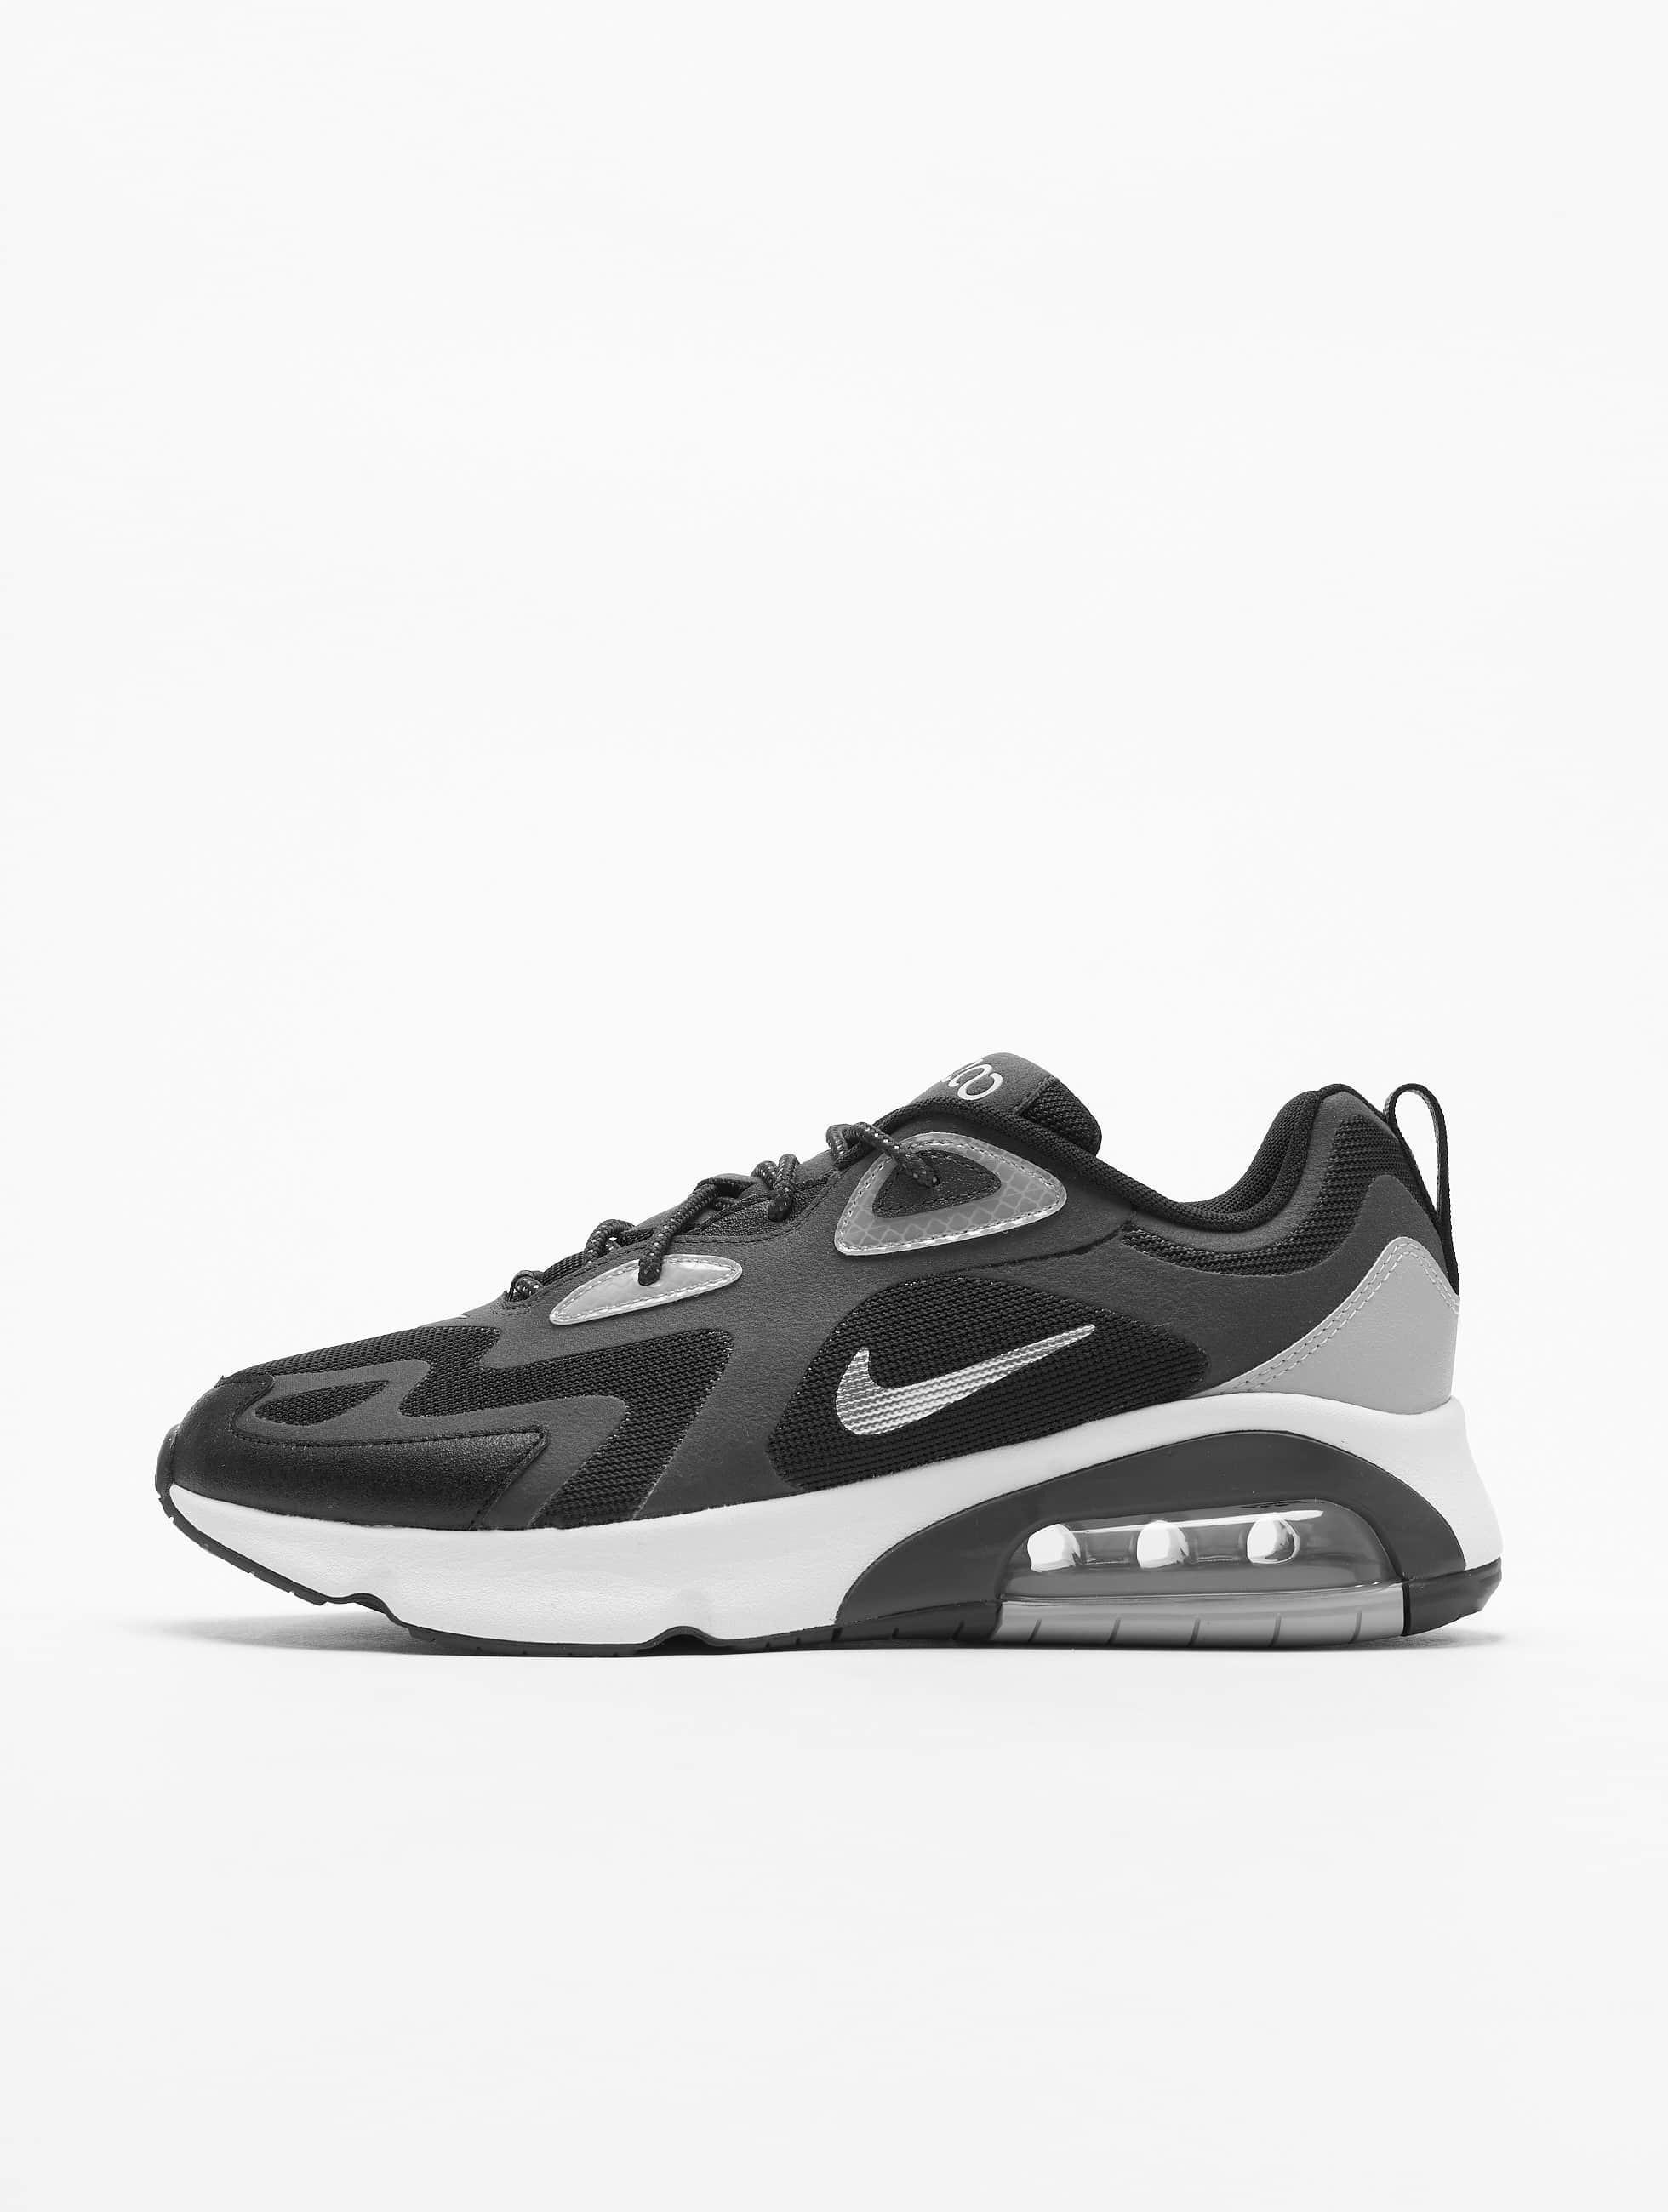 Nike Air Max 200 WTR Sneakers AnthraciteMetallic SilvernBlackWhite